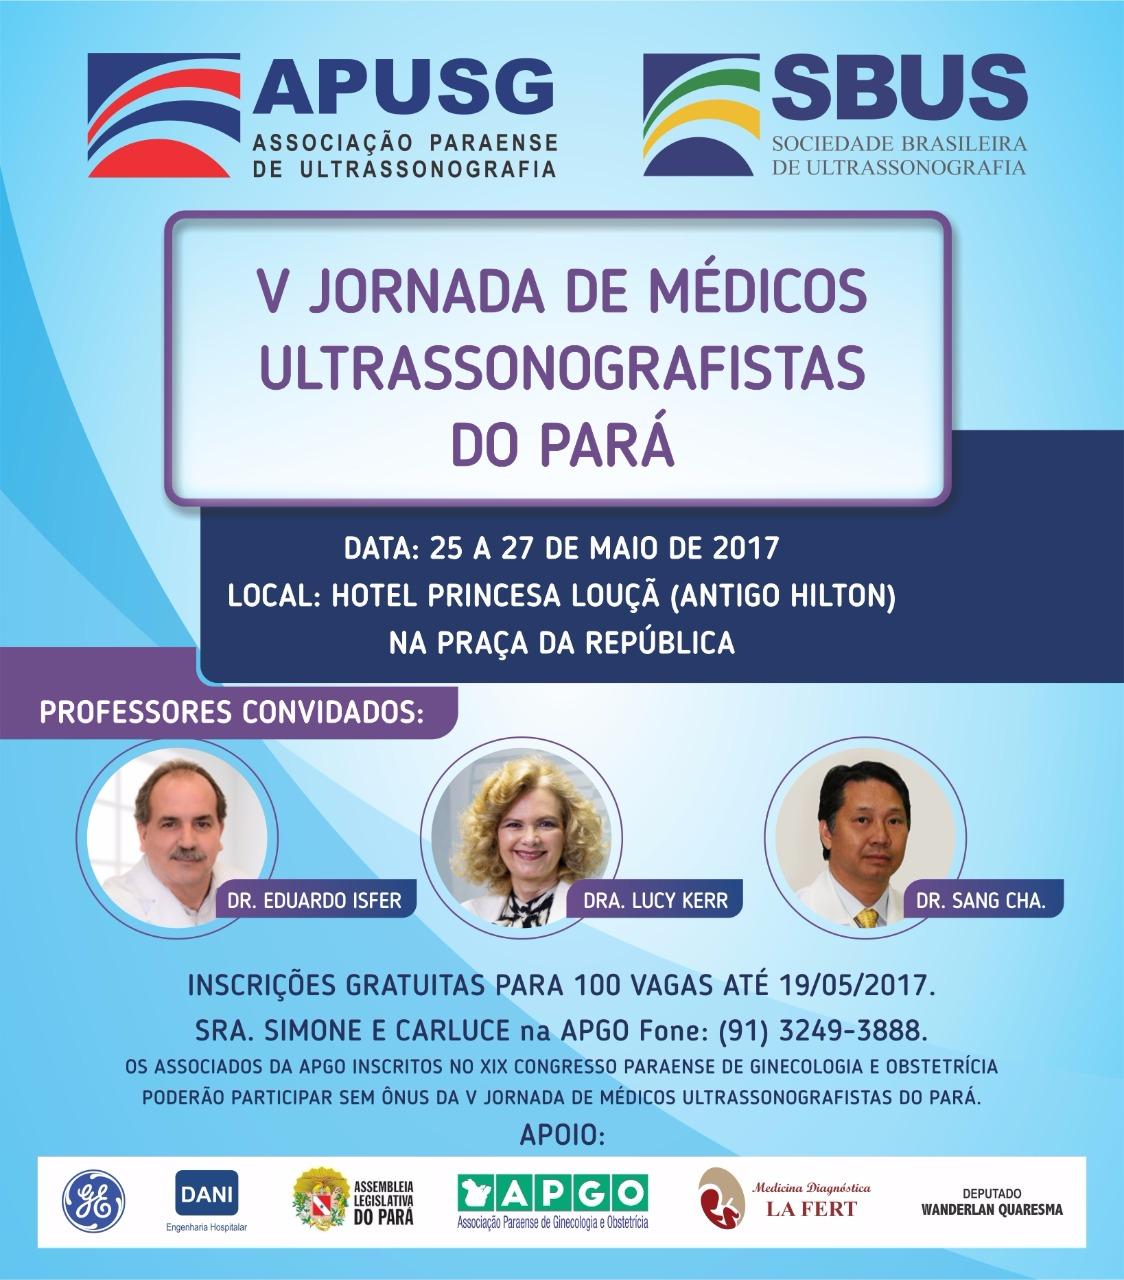 Poster - V Jornada de Médicos Ultrassonografistas do Pará - Dra. Lucy Kerr